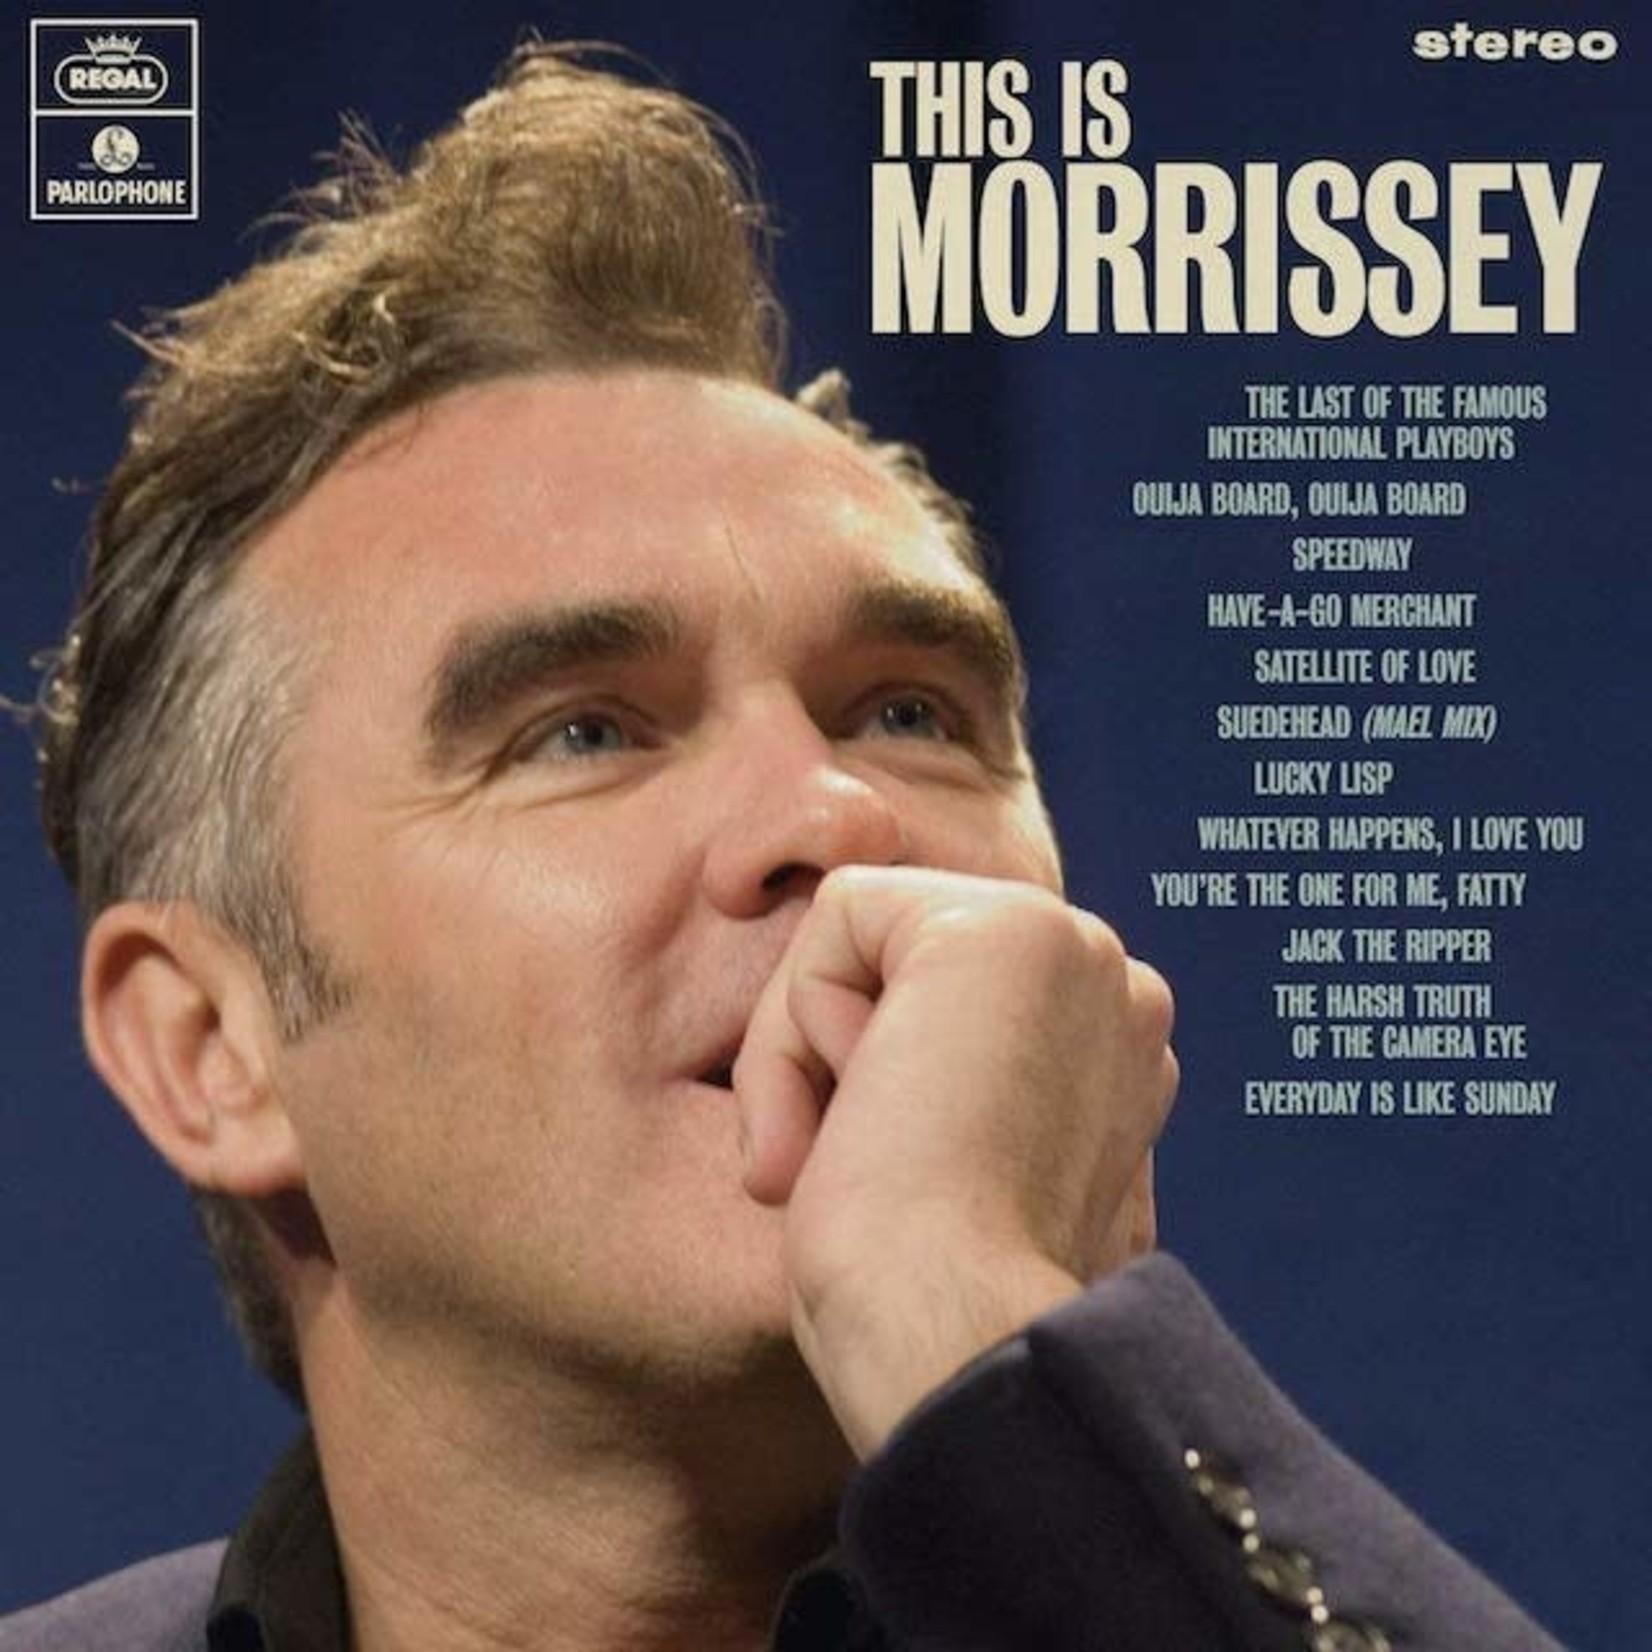 Vinyl Morrissey - This Is Morrissey (Best Of)